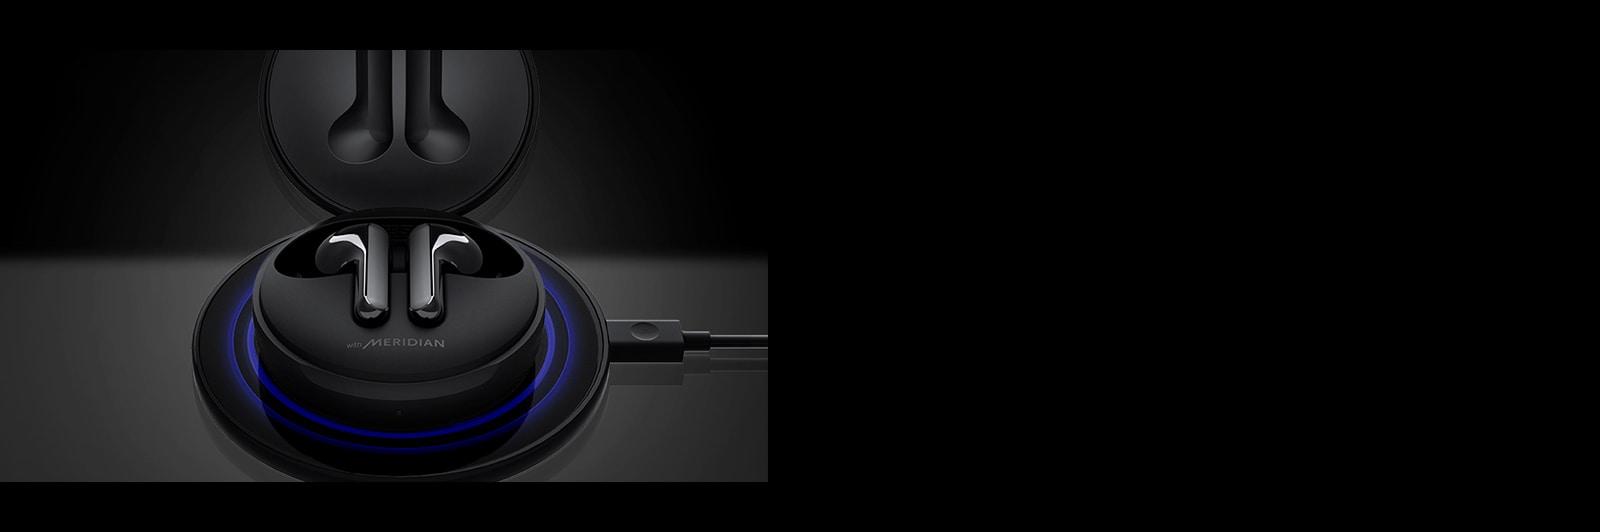 Una imagen de un LG Tone Free FN6 abierto y cargándose en una base de carga inalámbrica negra con iluminación azul.